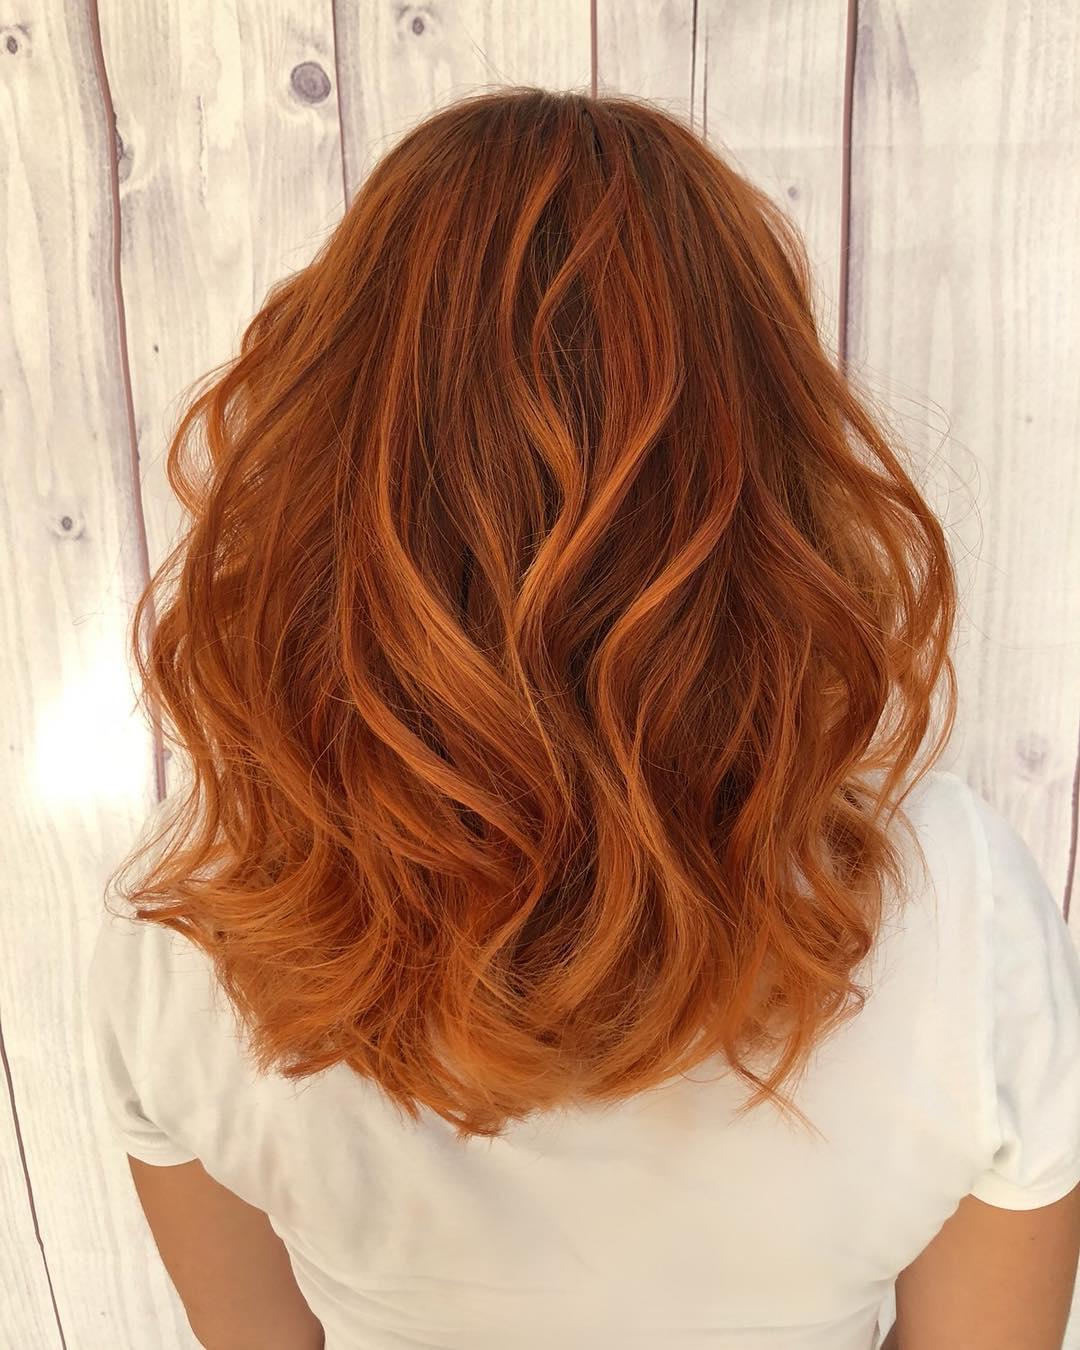 Хочу перекраситься прямо сегодня! Трендовые цвета волос 2019 года